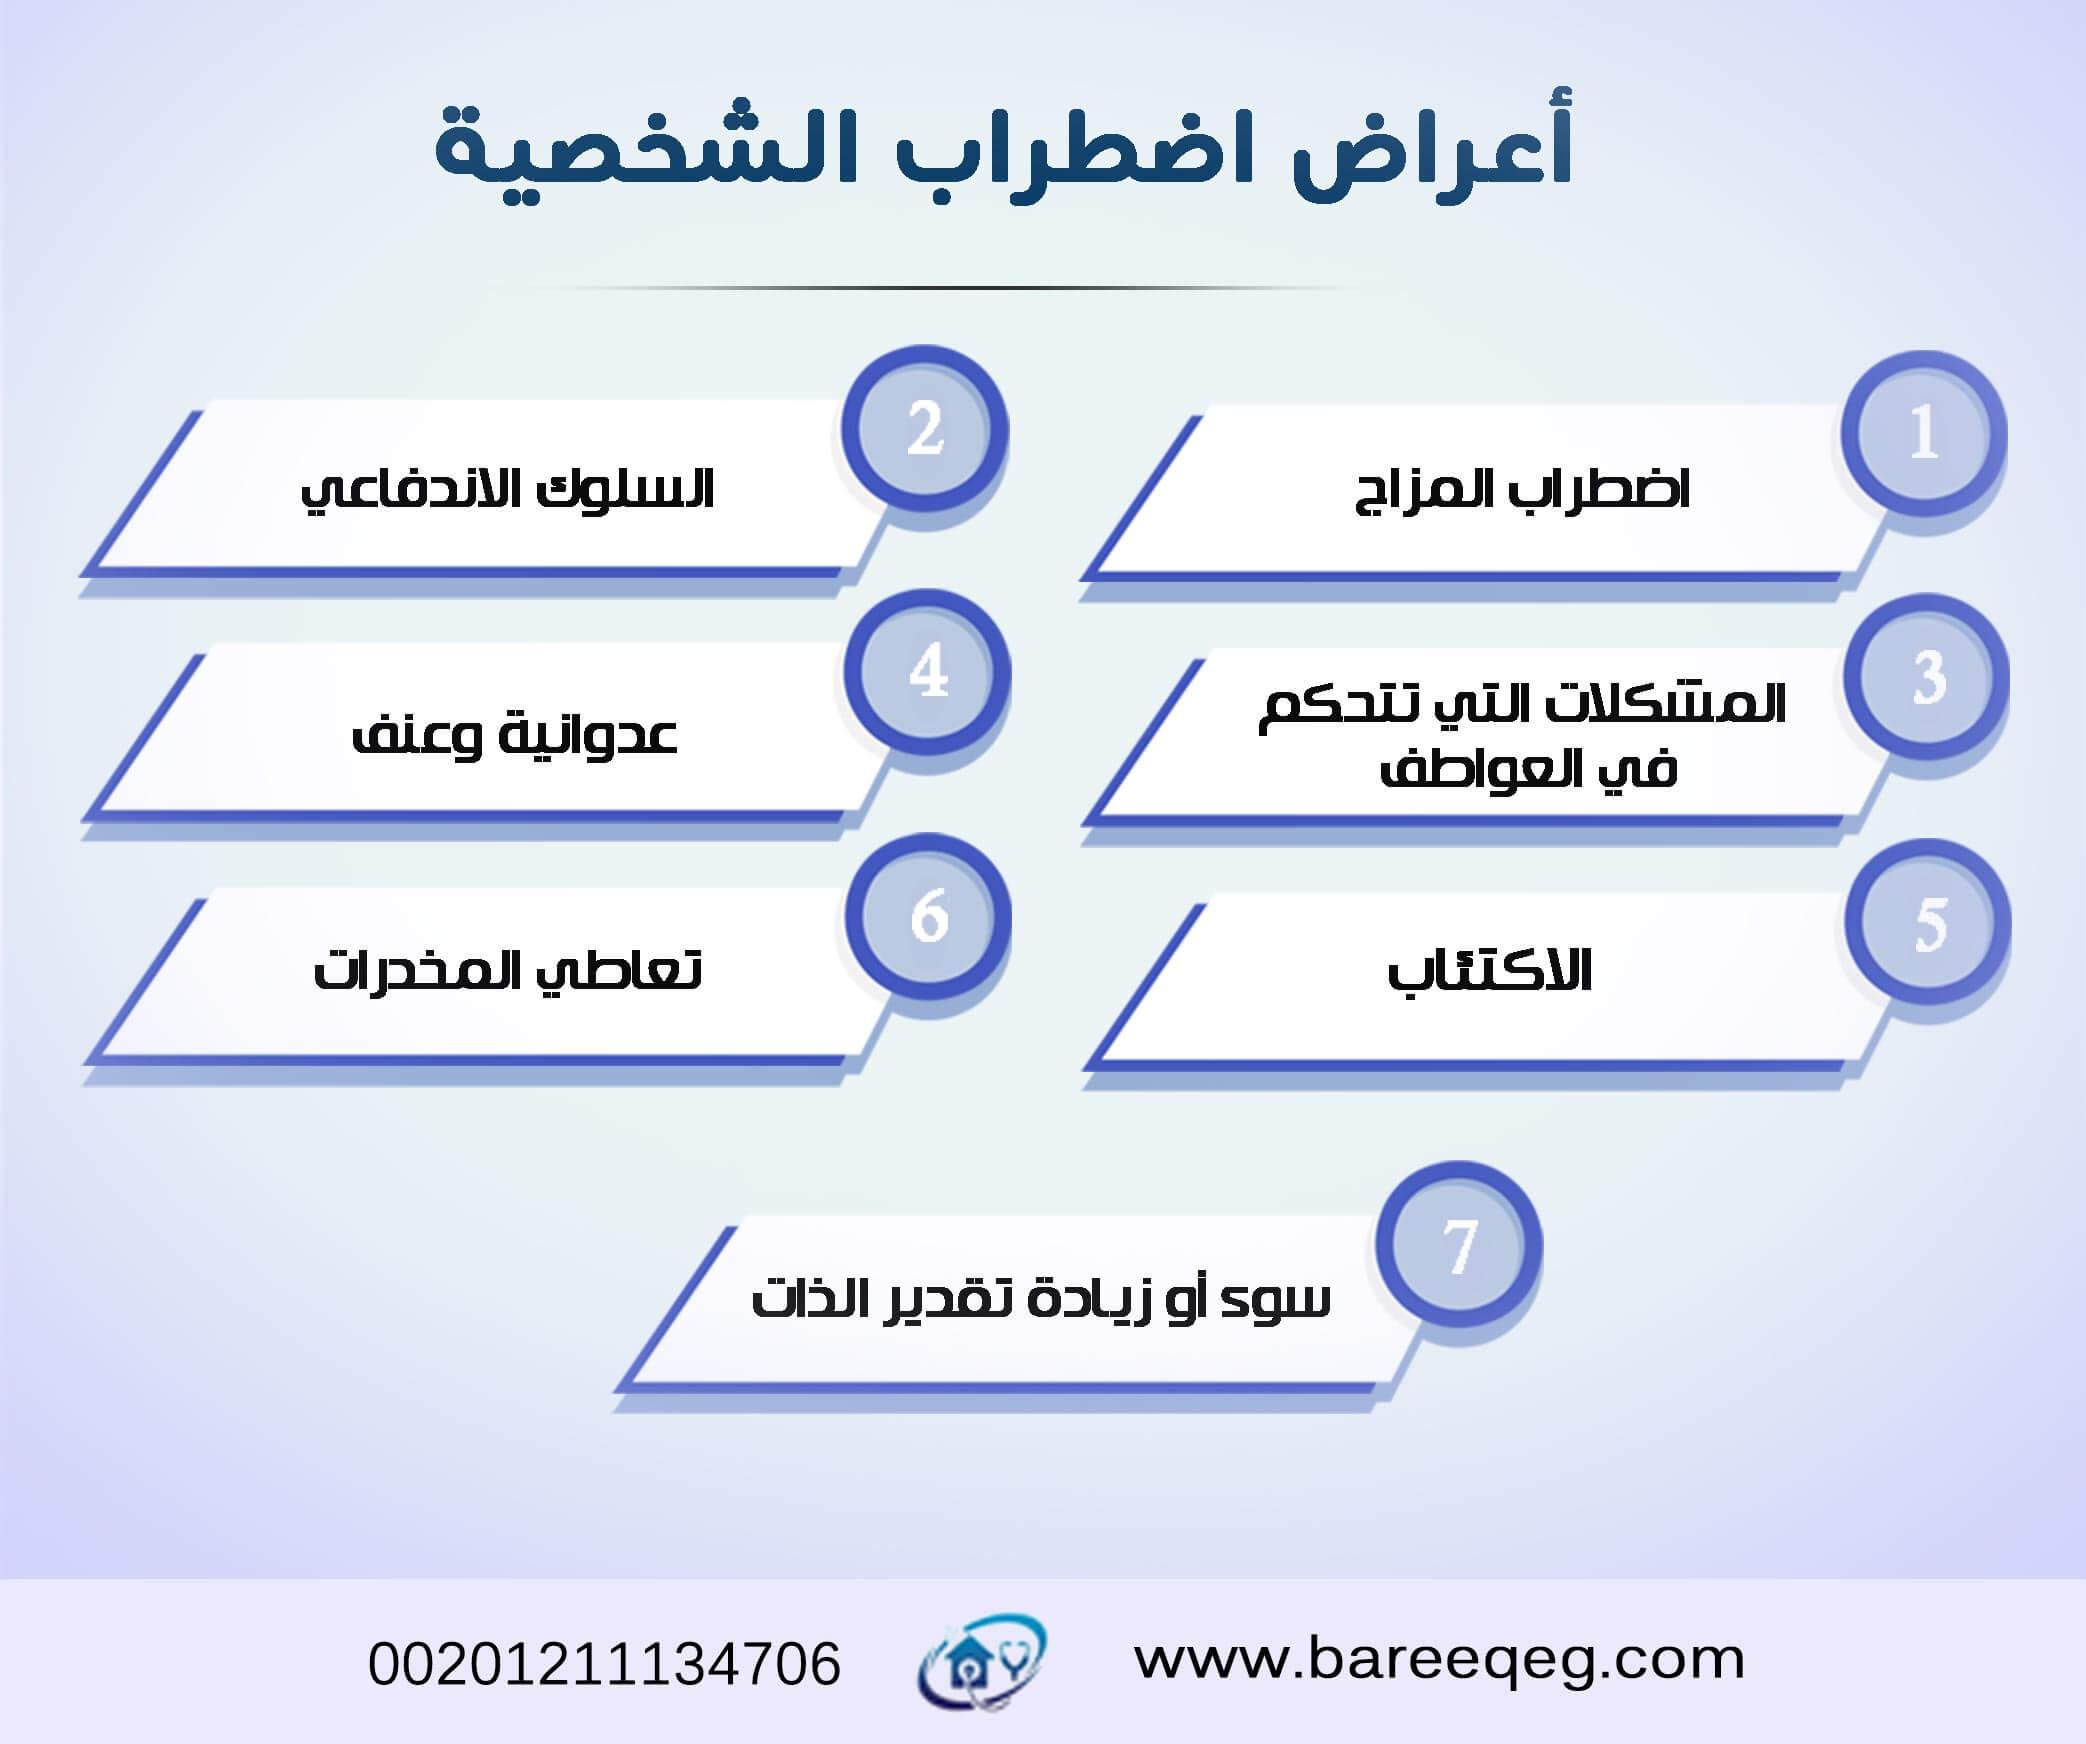 أعراض اضطراب الشخصية